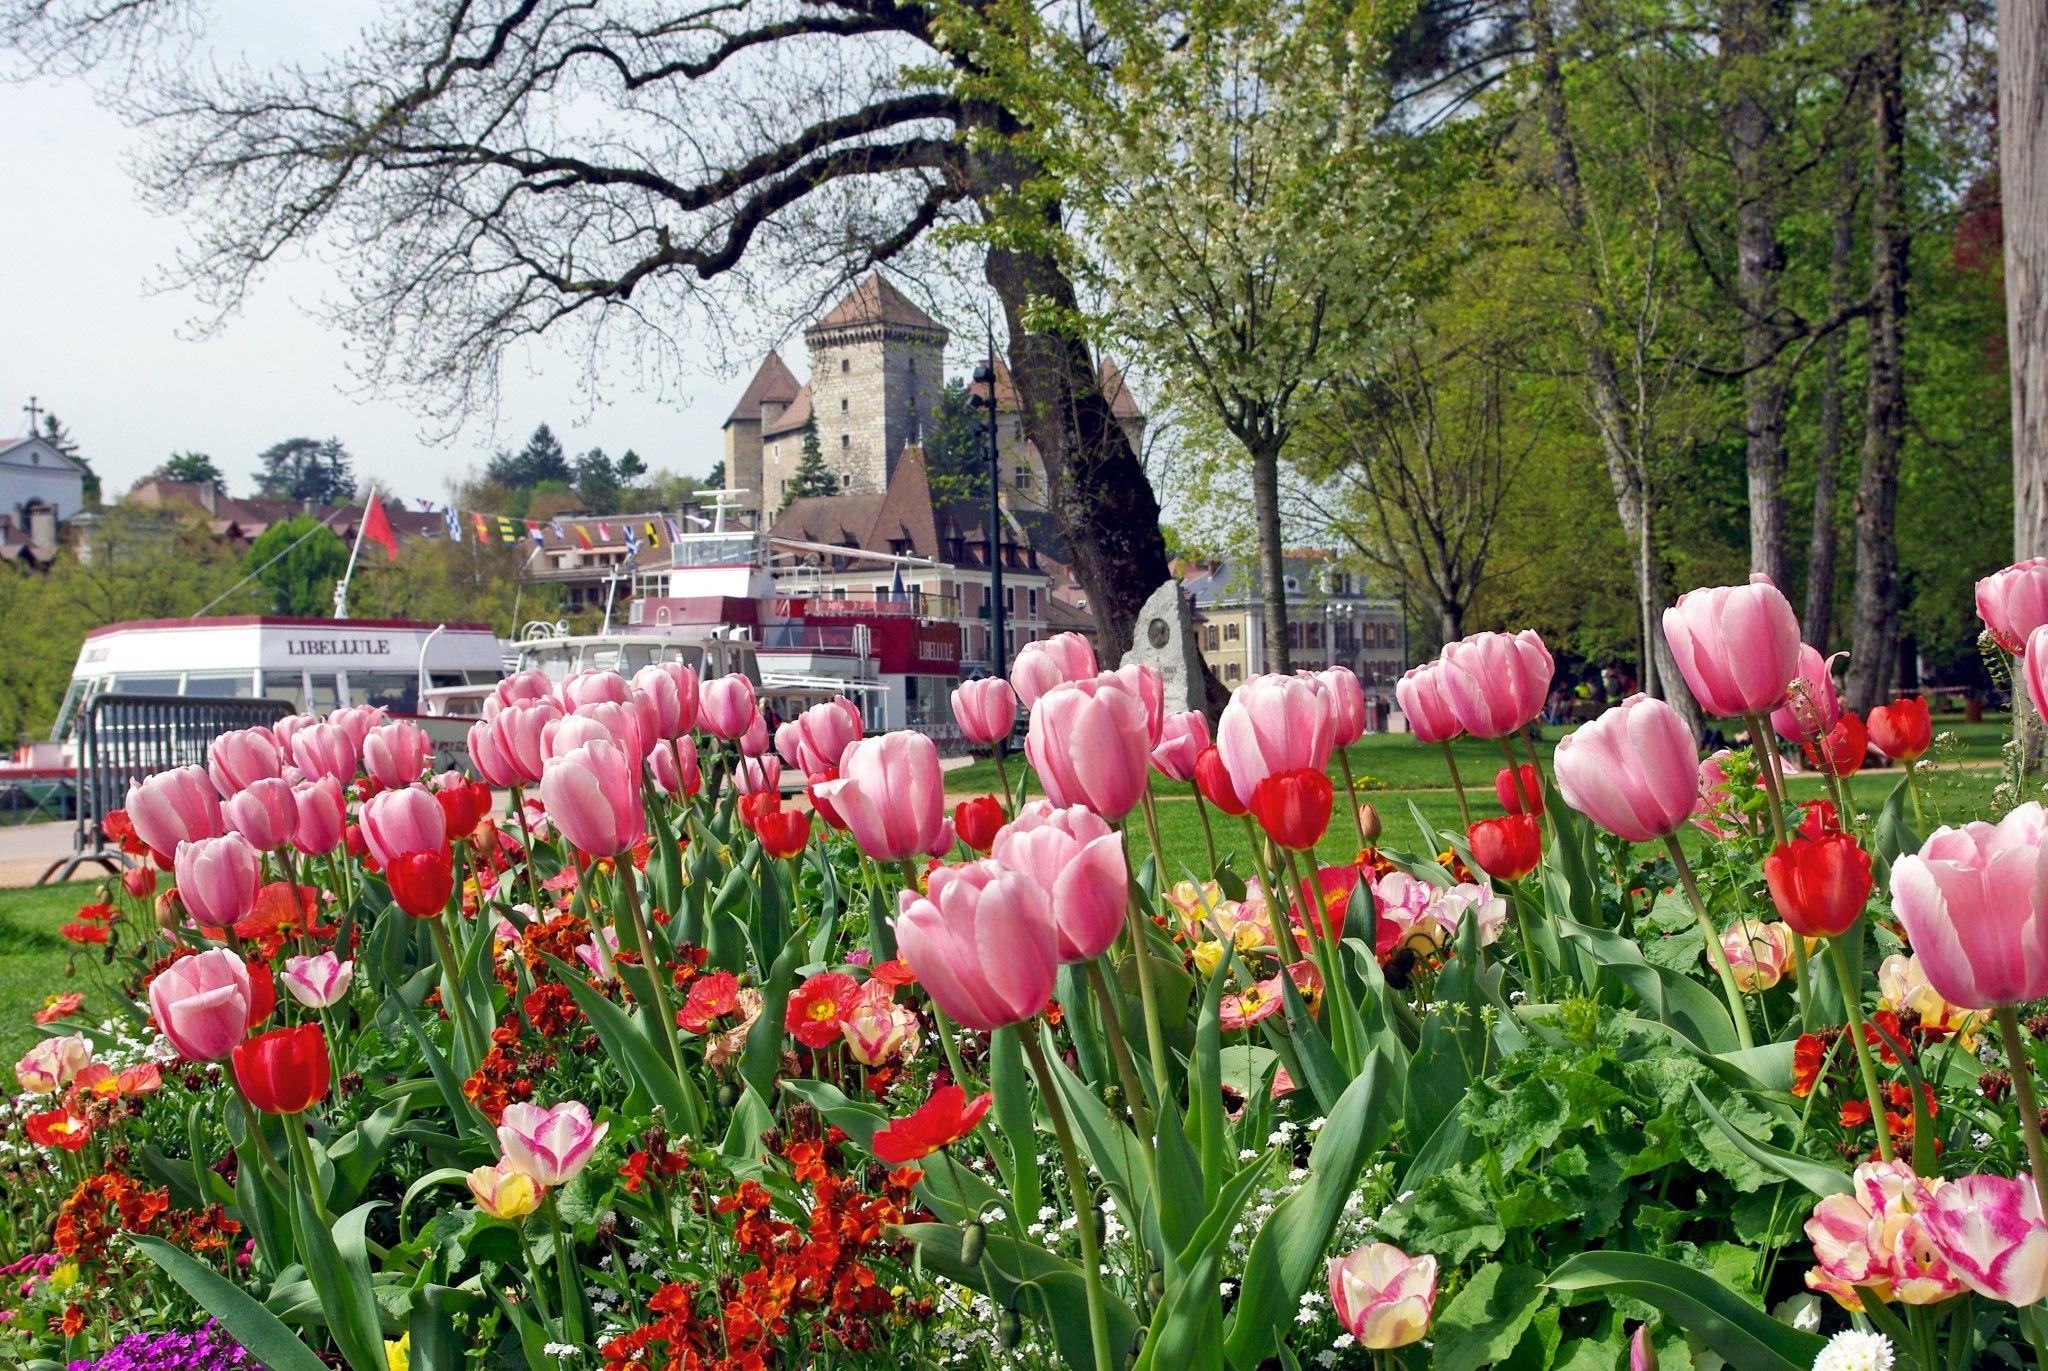 On our blog: a selection of photos taken during our stay in Annecy last week. // Dans notre blog : une sélection de photos prises pendant notre séjour à Annecy la semaine dernière.   #Annecy #HauteSavoie #SavoieMontBlanc